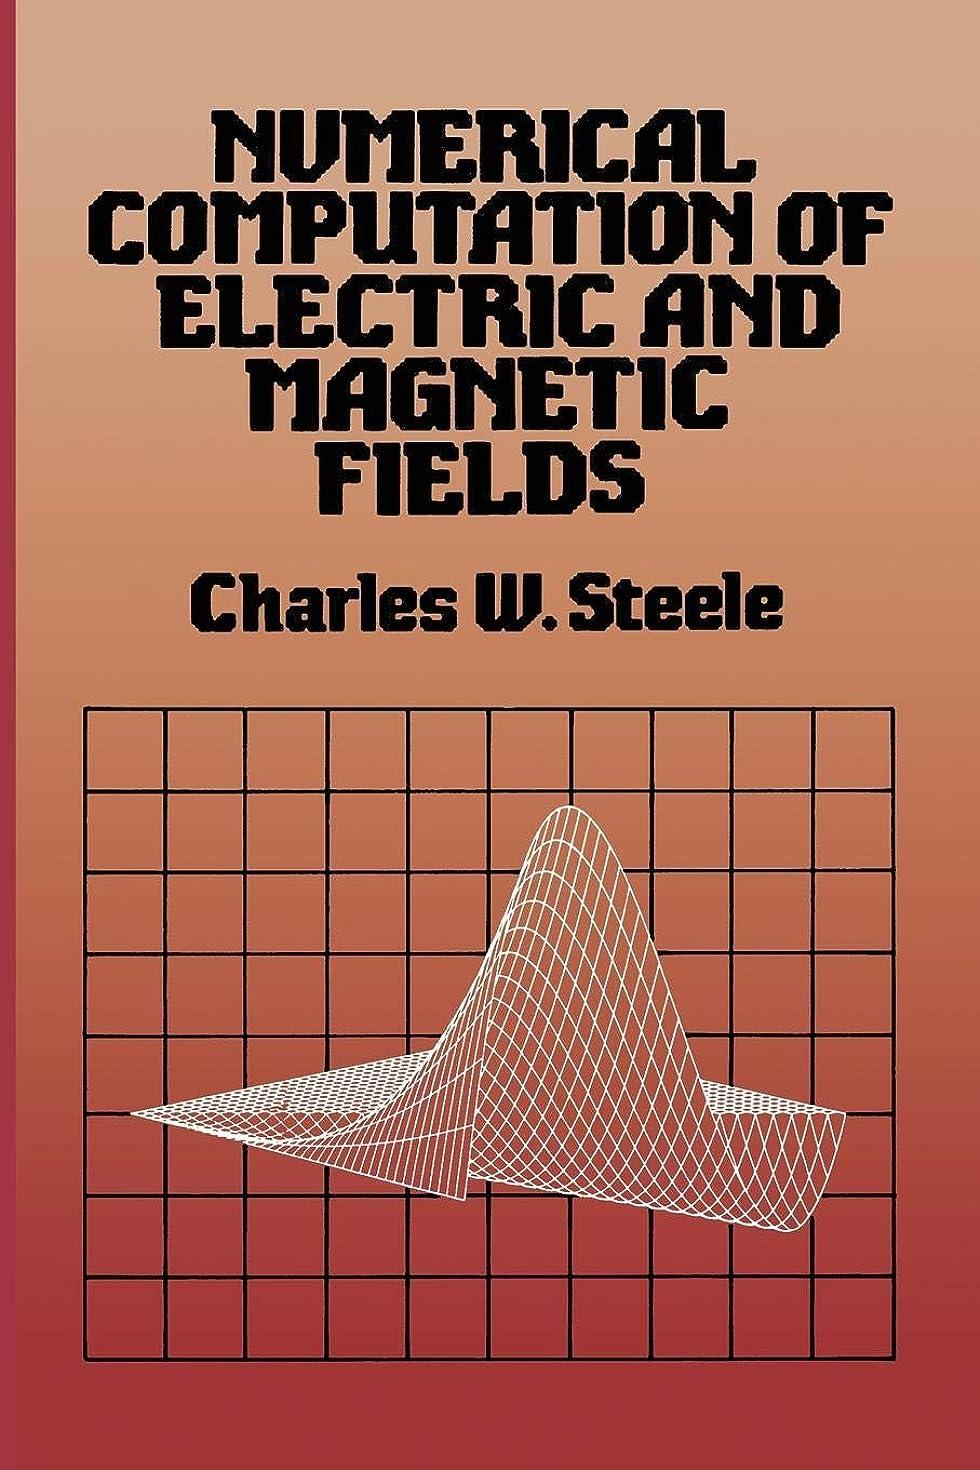 無線ジャケット系統的Numerical Computation of Electric and Magnetic Fields